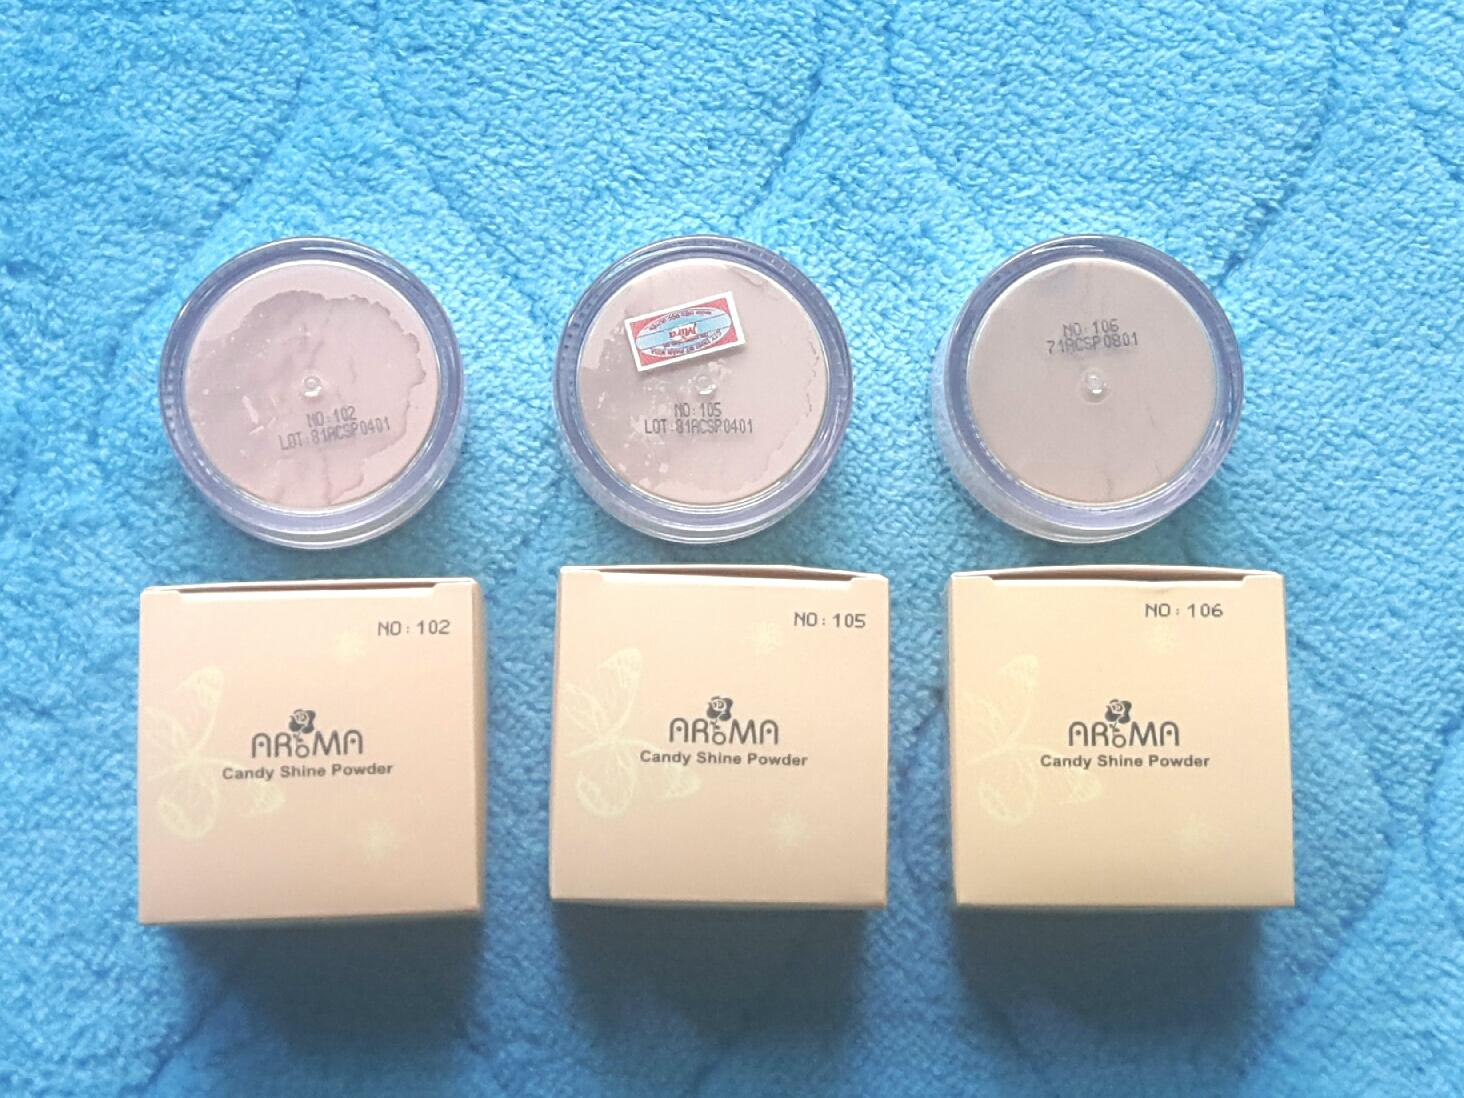 Phấn phủ bột kiềm dầu Aroma Candy Shine Powder Hàn Quốc 10g No.105 Da tự nhiên tặng kèm móc khoá